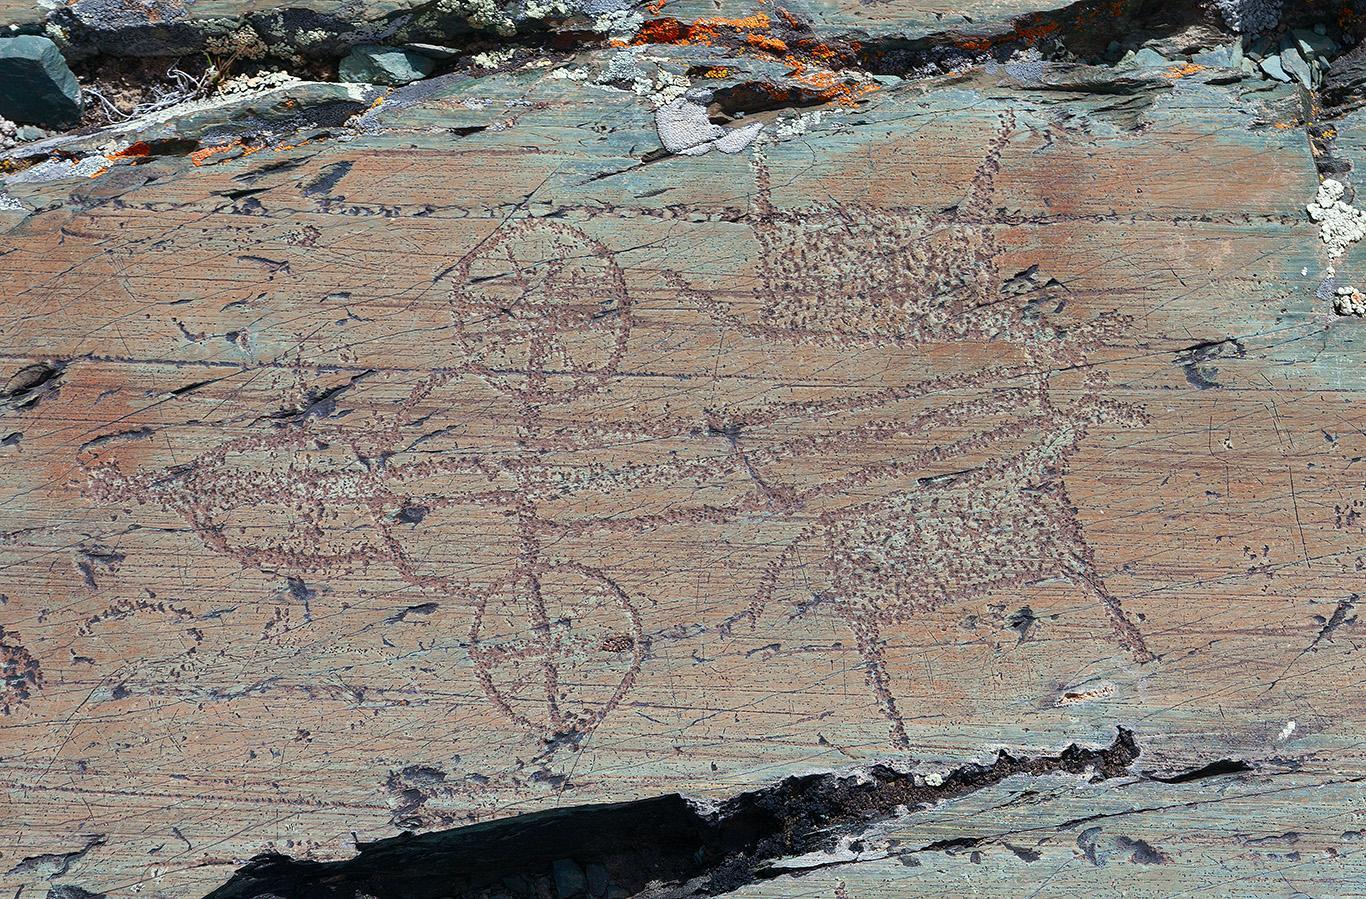 Петроглифы. Слева: Валь-Камоника. Итальянские Альпы. X-VIII тыс. до н.э.